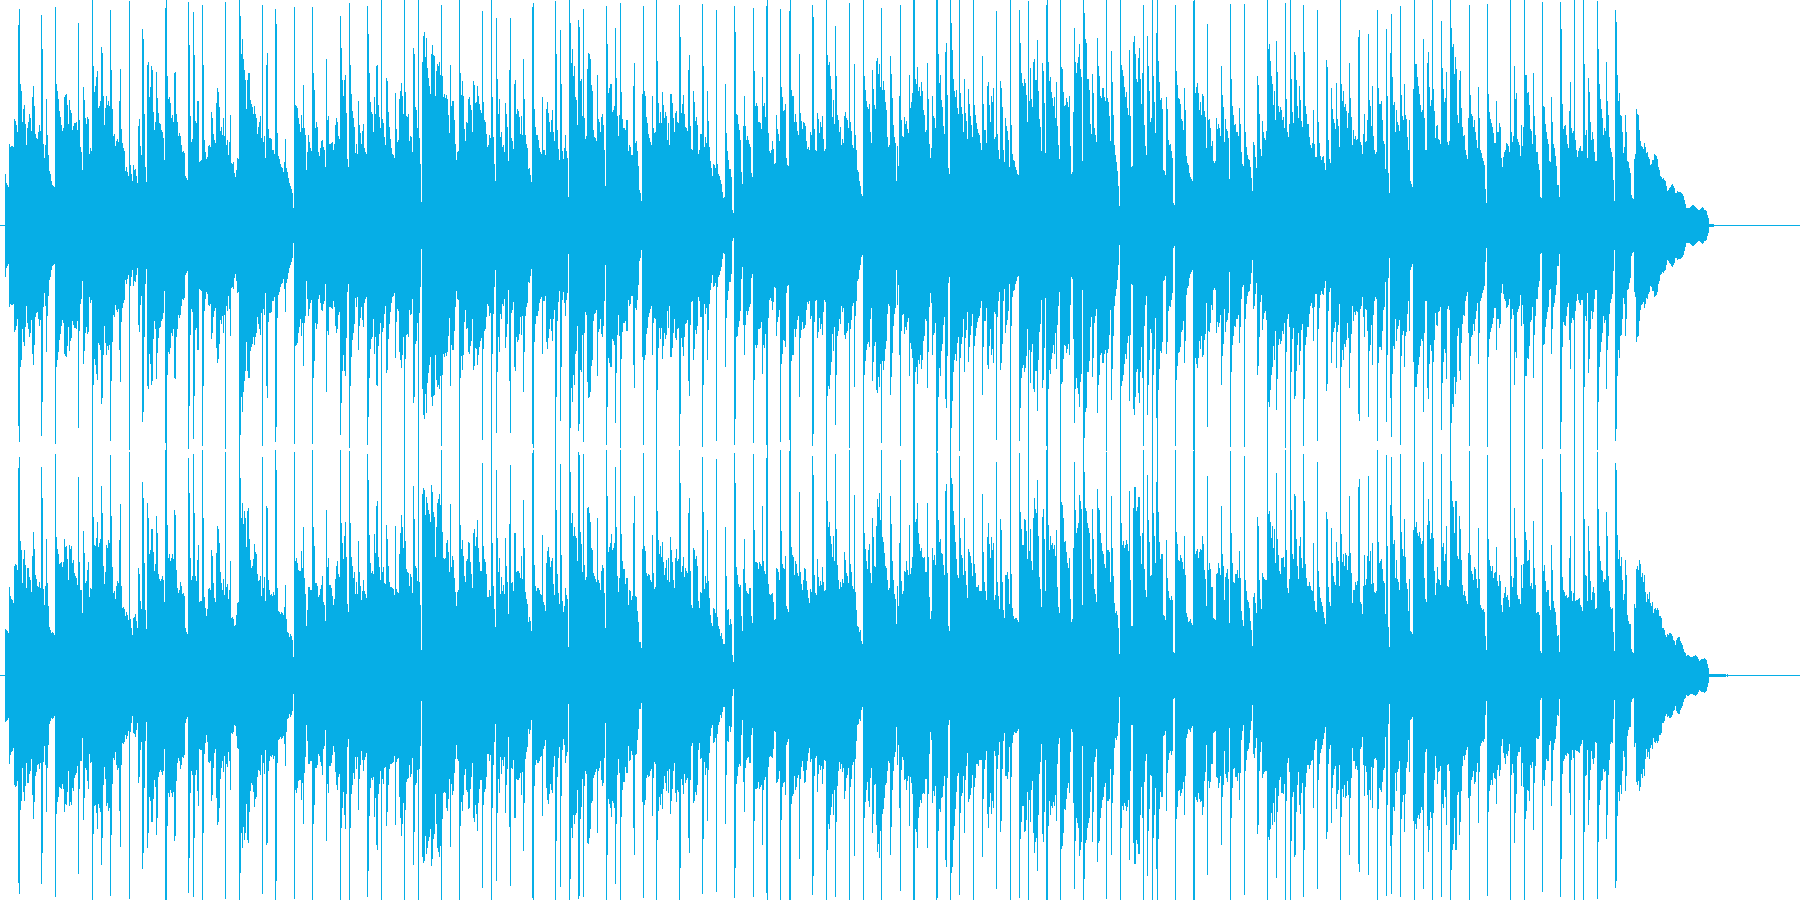 ほのぼのしたエレピの曲。雰囲気を出す用途の再生済みの波形